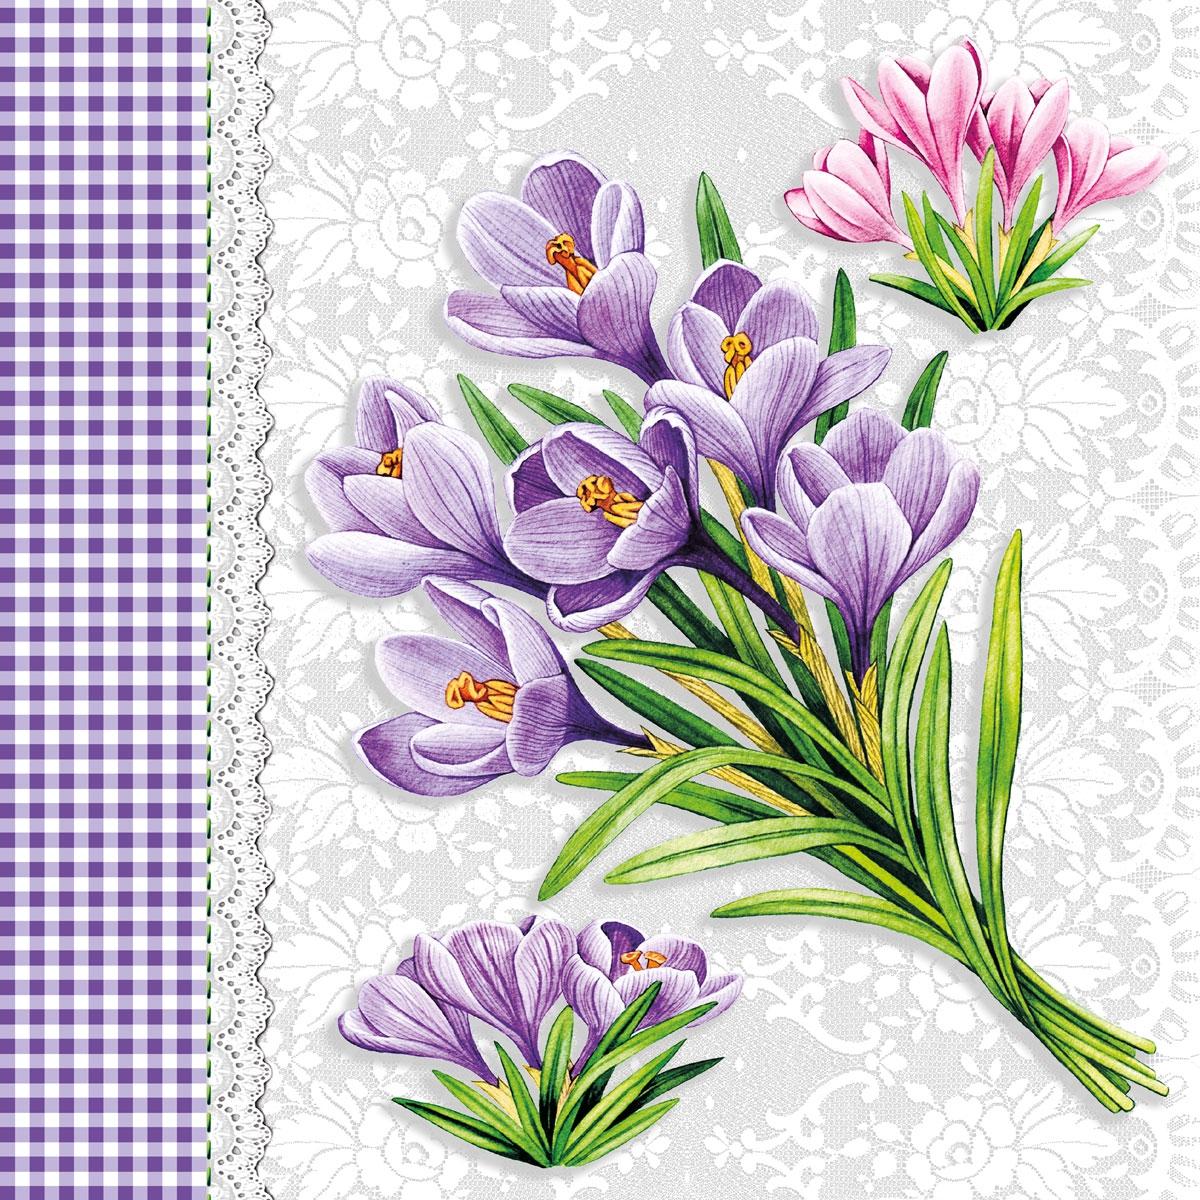 Servietten nach Jahreszeiten,  Blumen - Krokus,  Everyday,  lunchservietten,  Krokus